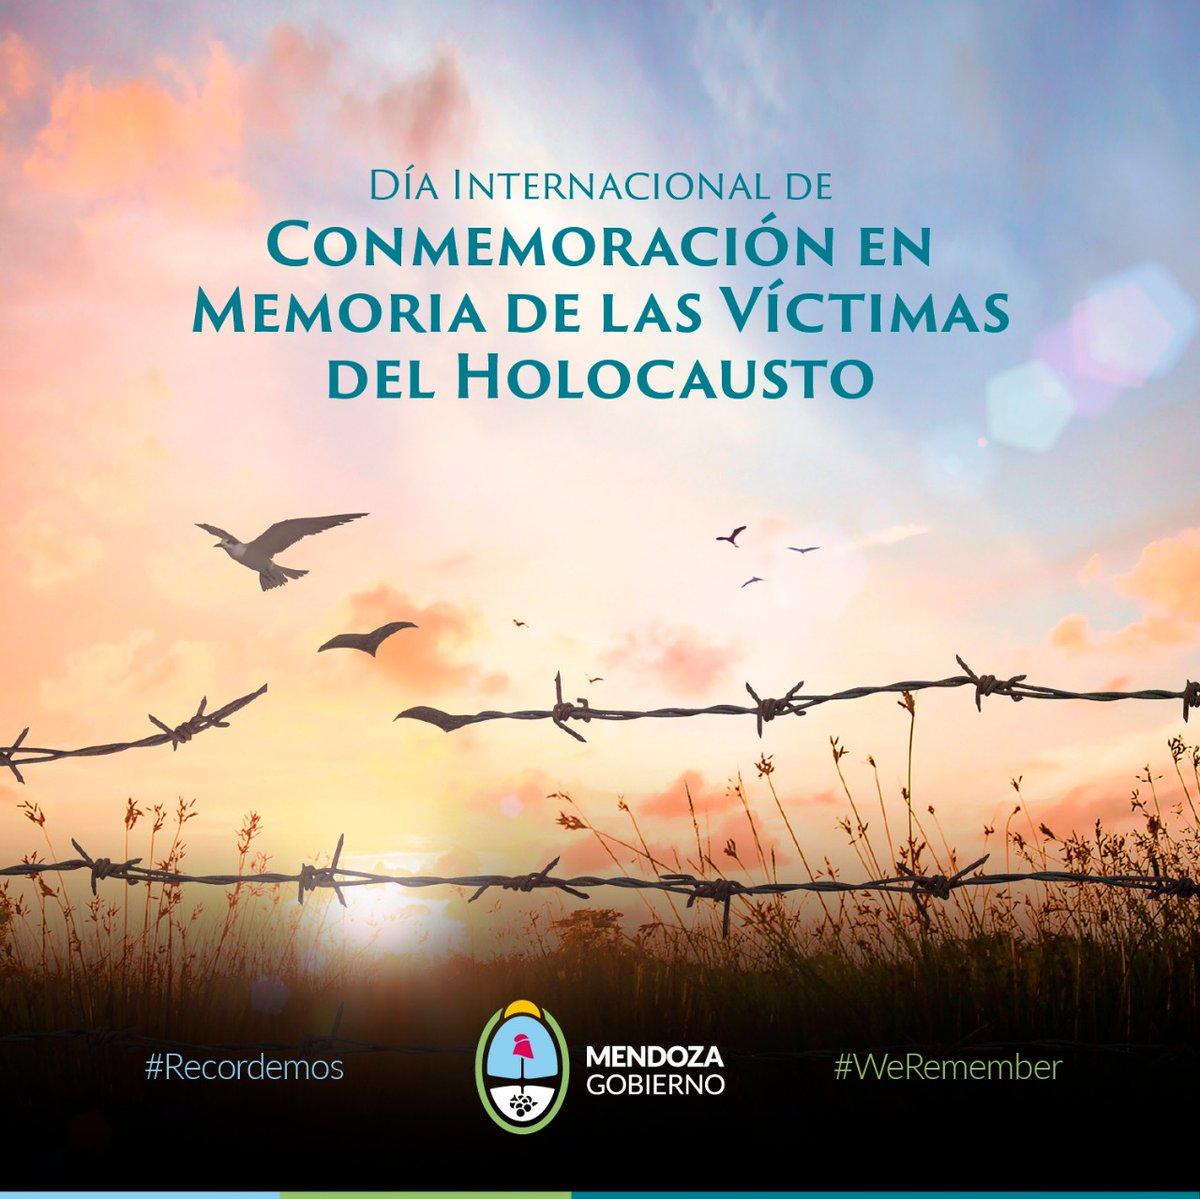 En el Día Internacional de las Víctimas del Holocausto, recordamos para que la humanidad Nunca Más lo permita.   #WeRemember #Recordemos